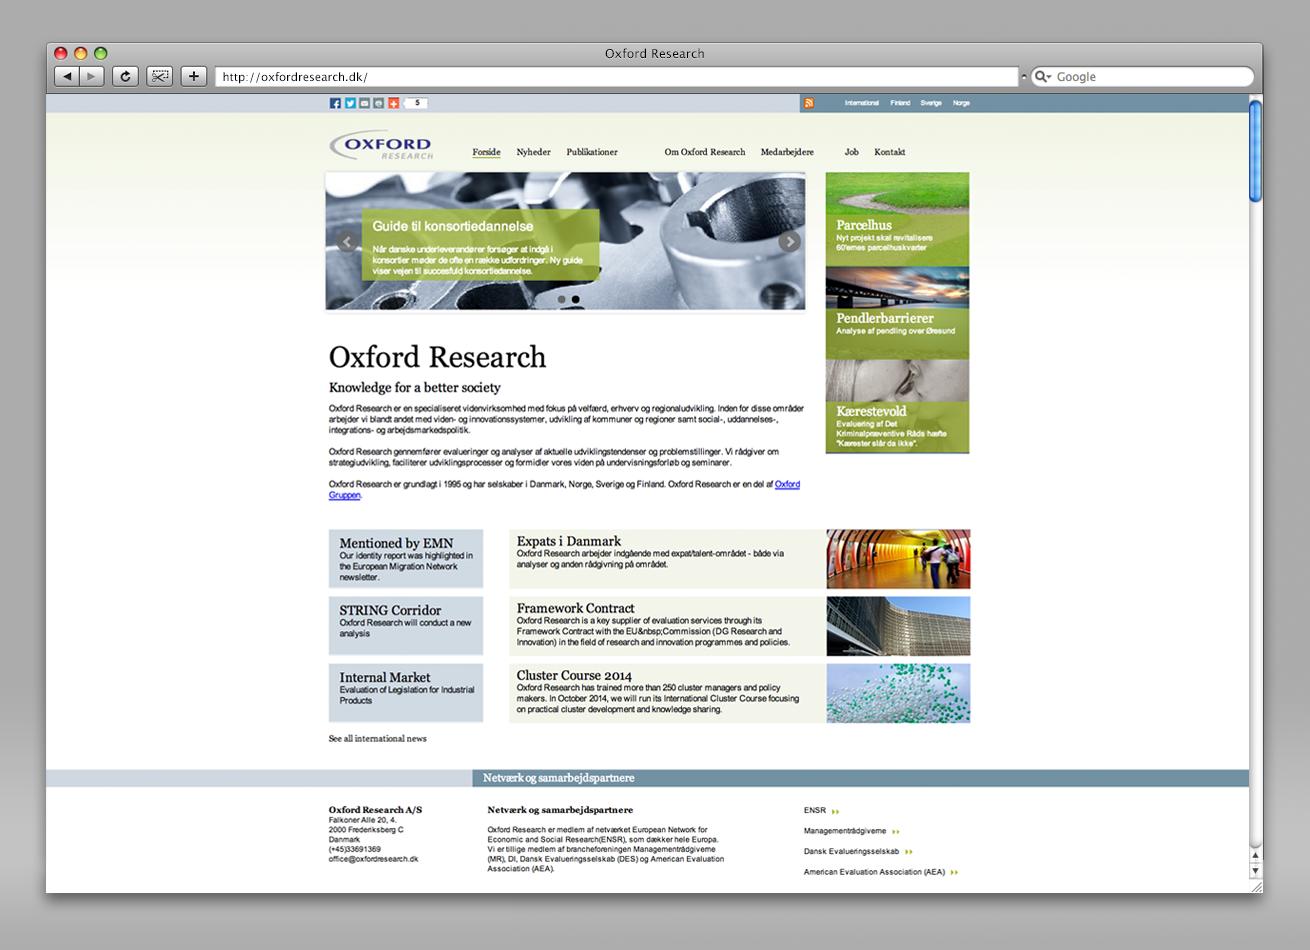 oxfordresearch, hjemmesidedesign, design af hjemmeside, grafisk design, freelance, aarhus, maria refsgaard krims